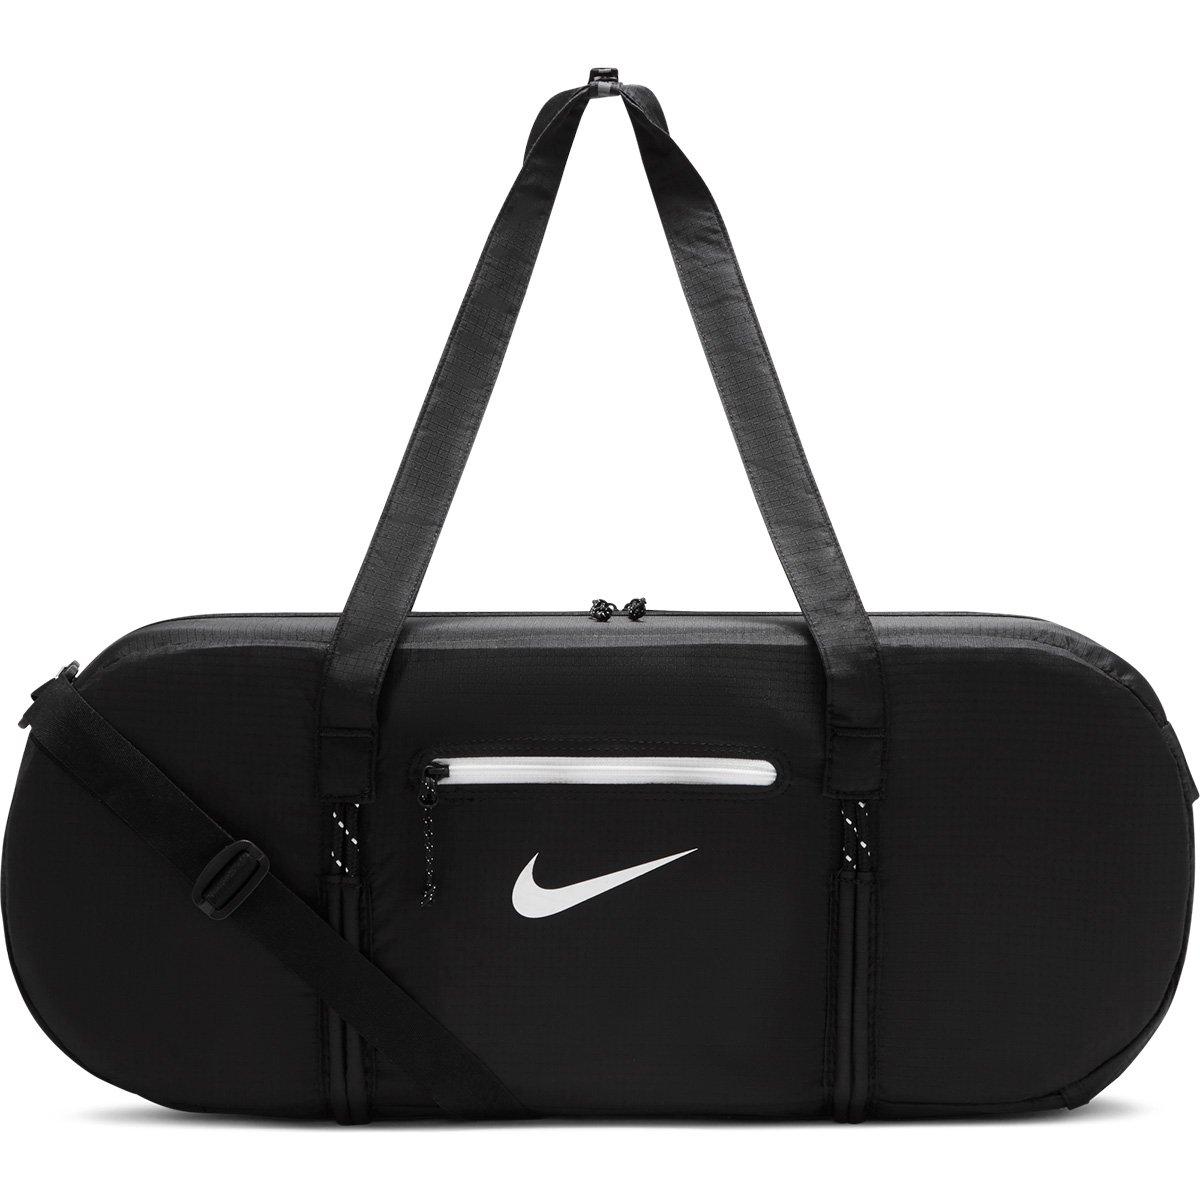 Bolsa Nike Stash Duffel - 21 Litros